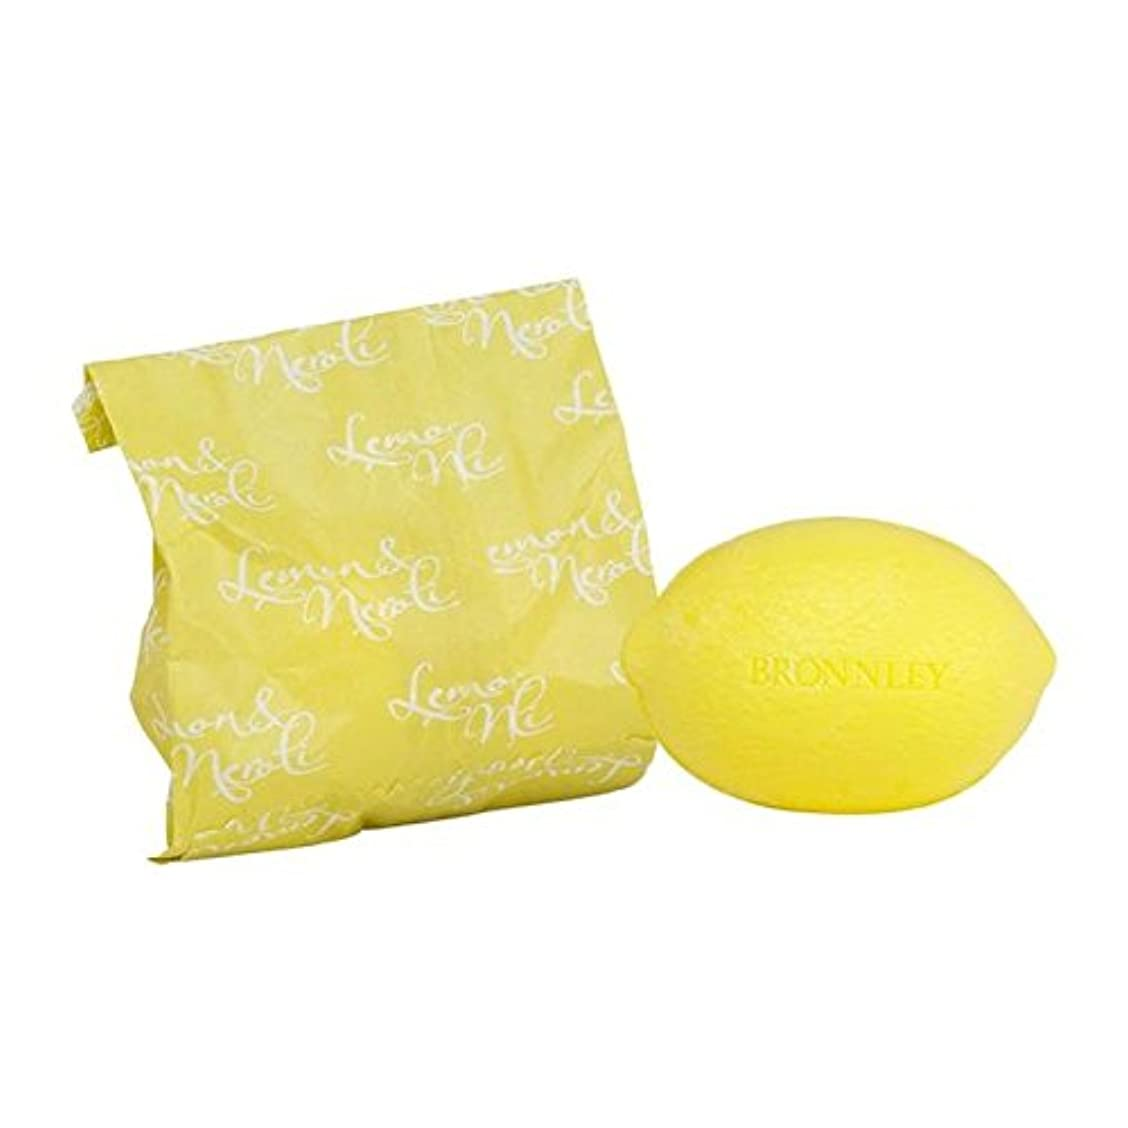 完璧大工世界記録のギネスブックレモン&ネロリ石鹸100グラム x4 - Bronnley Lemon & Neroli Soap 100g (Pack of 4) [並行輸入品]